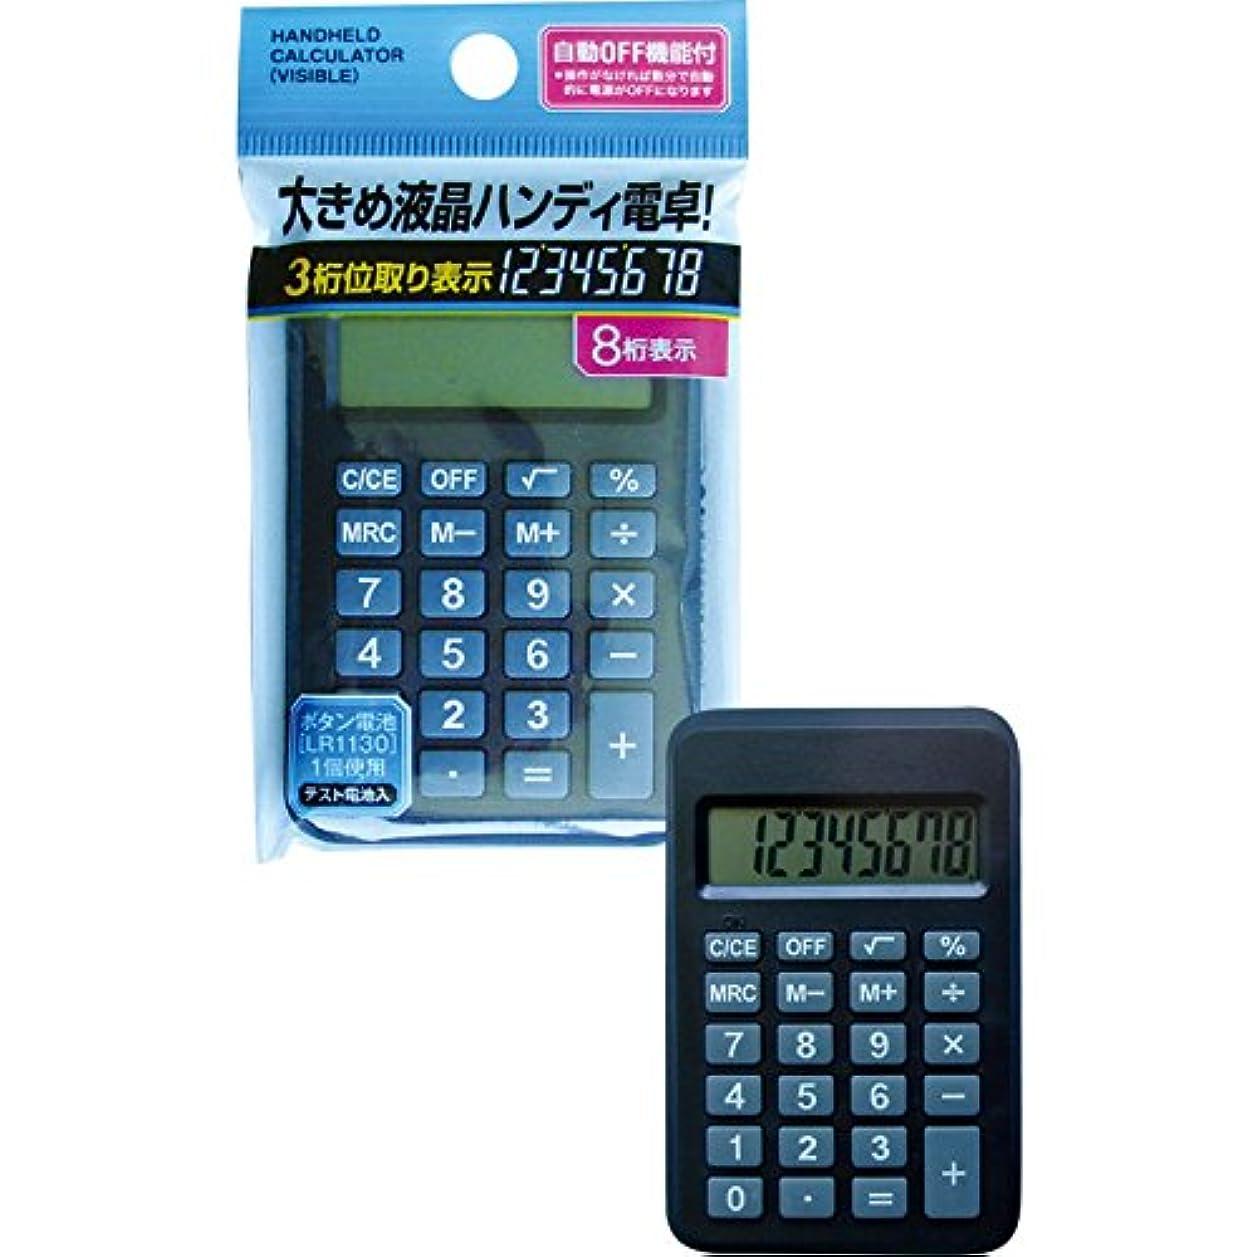 治安判事分数メトロポリタン大きめ液晶ハンディ電卓8桁(3桁位取り表示) 36-352 【まとめ買い12個セット】